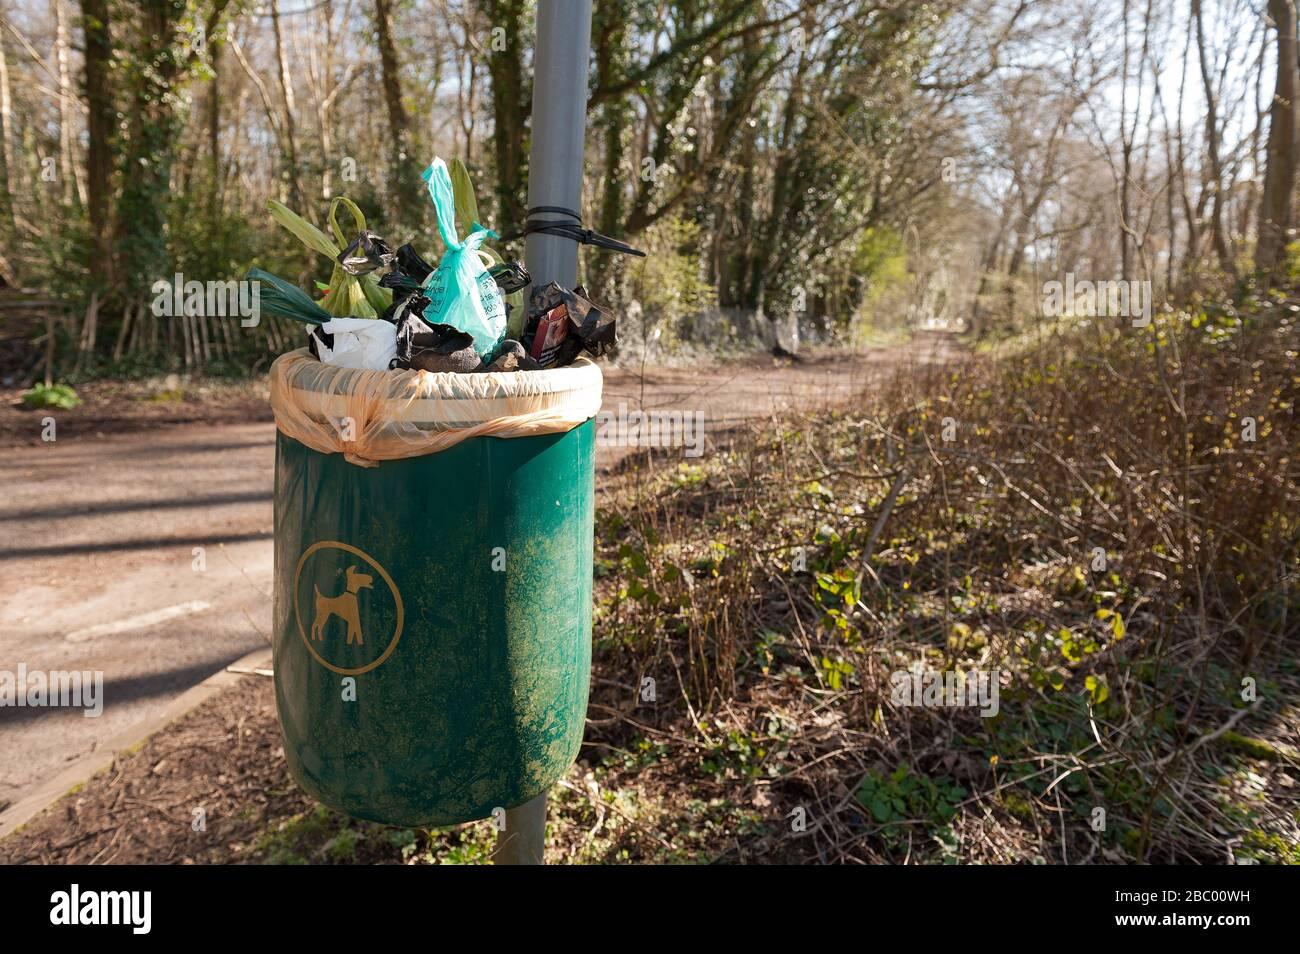 Mélange de sacs en plastique biodégradables et normaux pour le croo-dog débordant sur le sentier de la voie de la campagne au bout de la voie de la poubelle désignée pour le poo-dog Banque D'Images